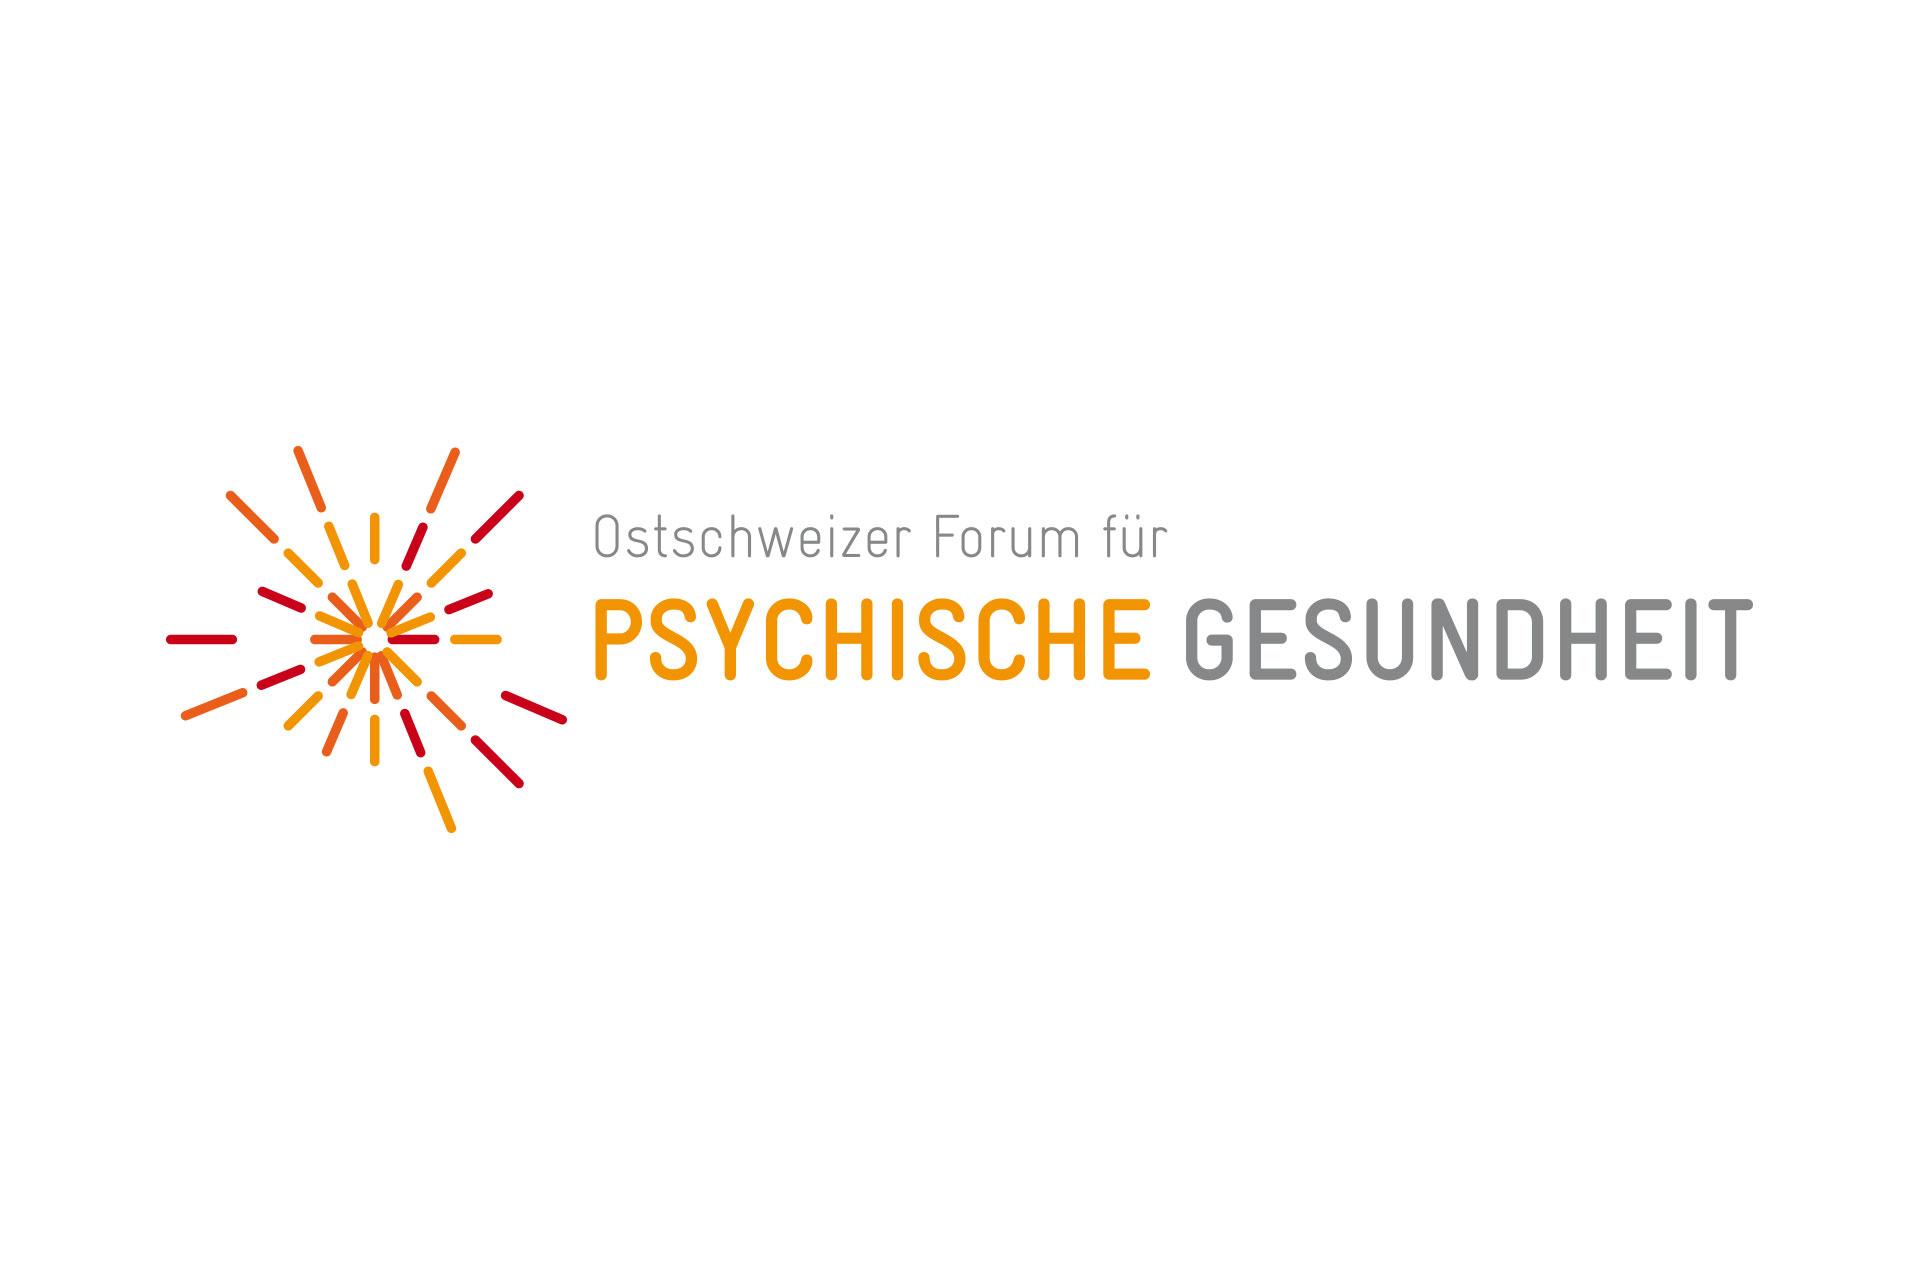 OFPG_Logo.jpg